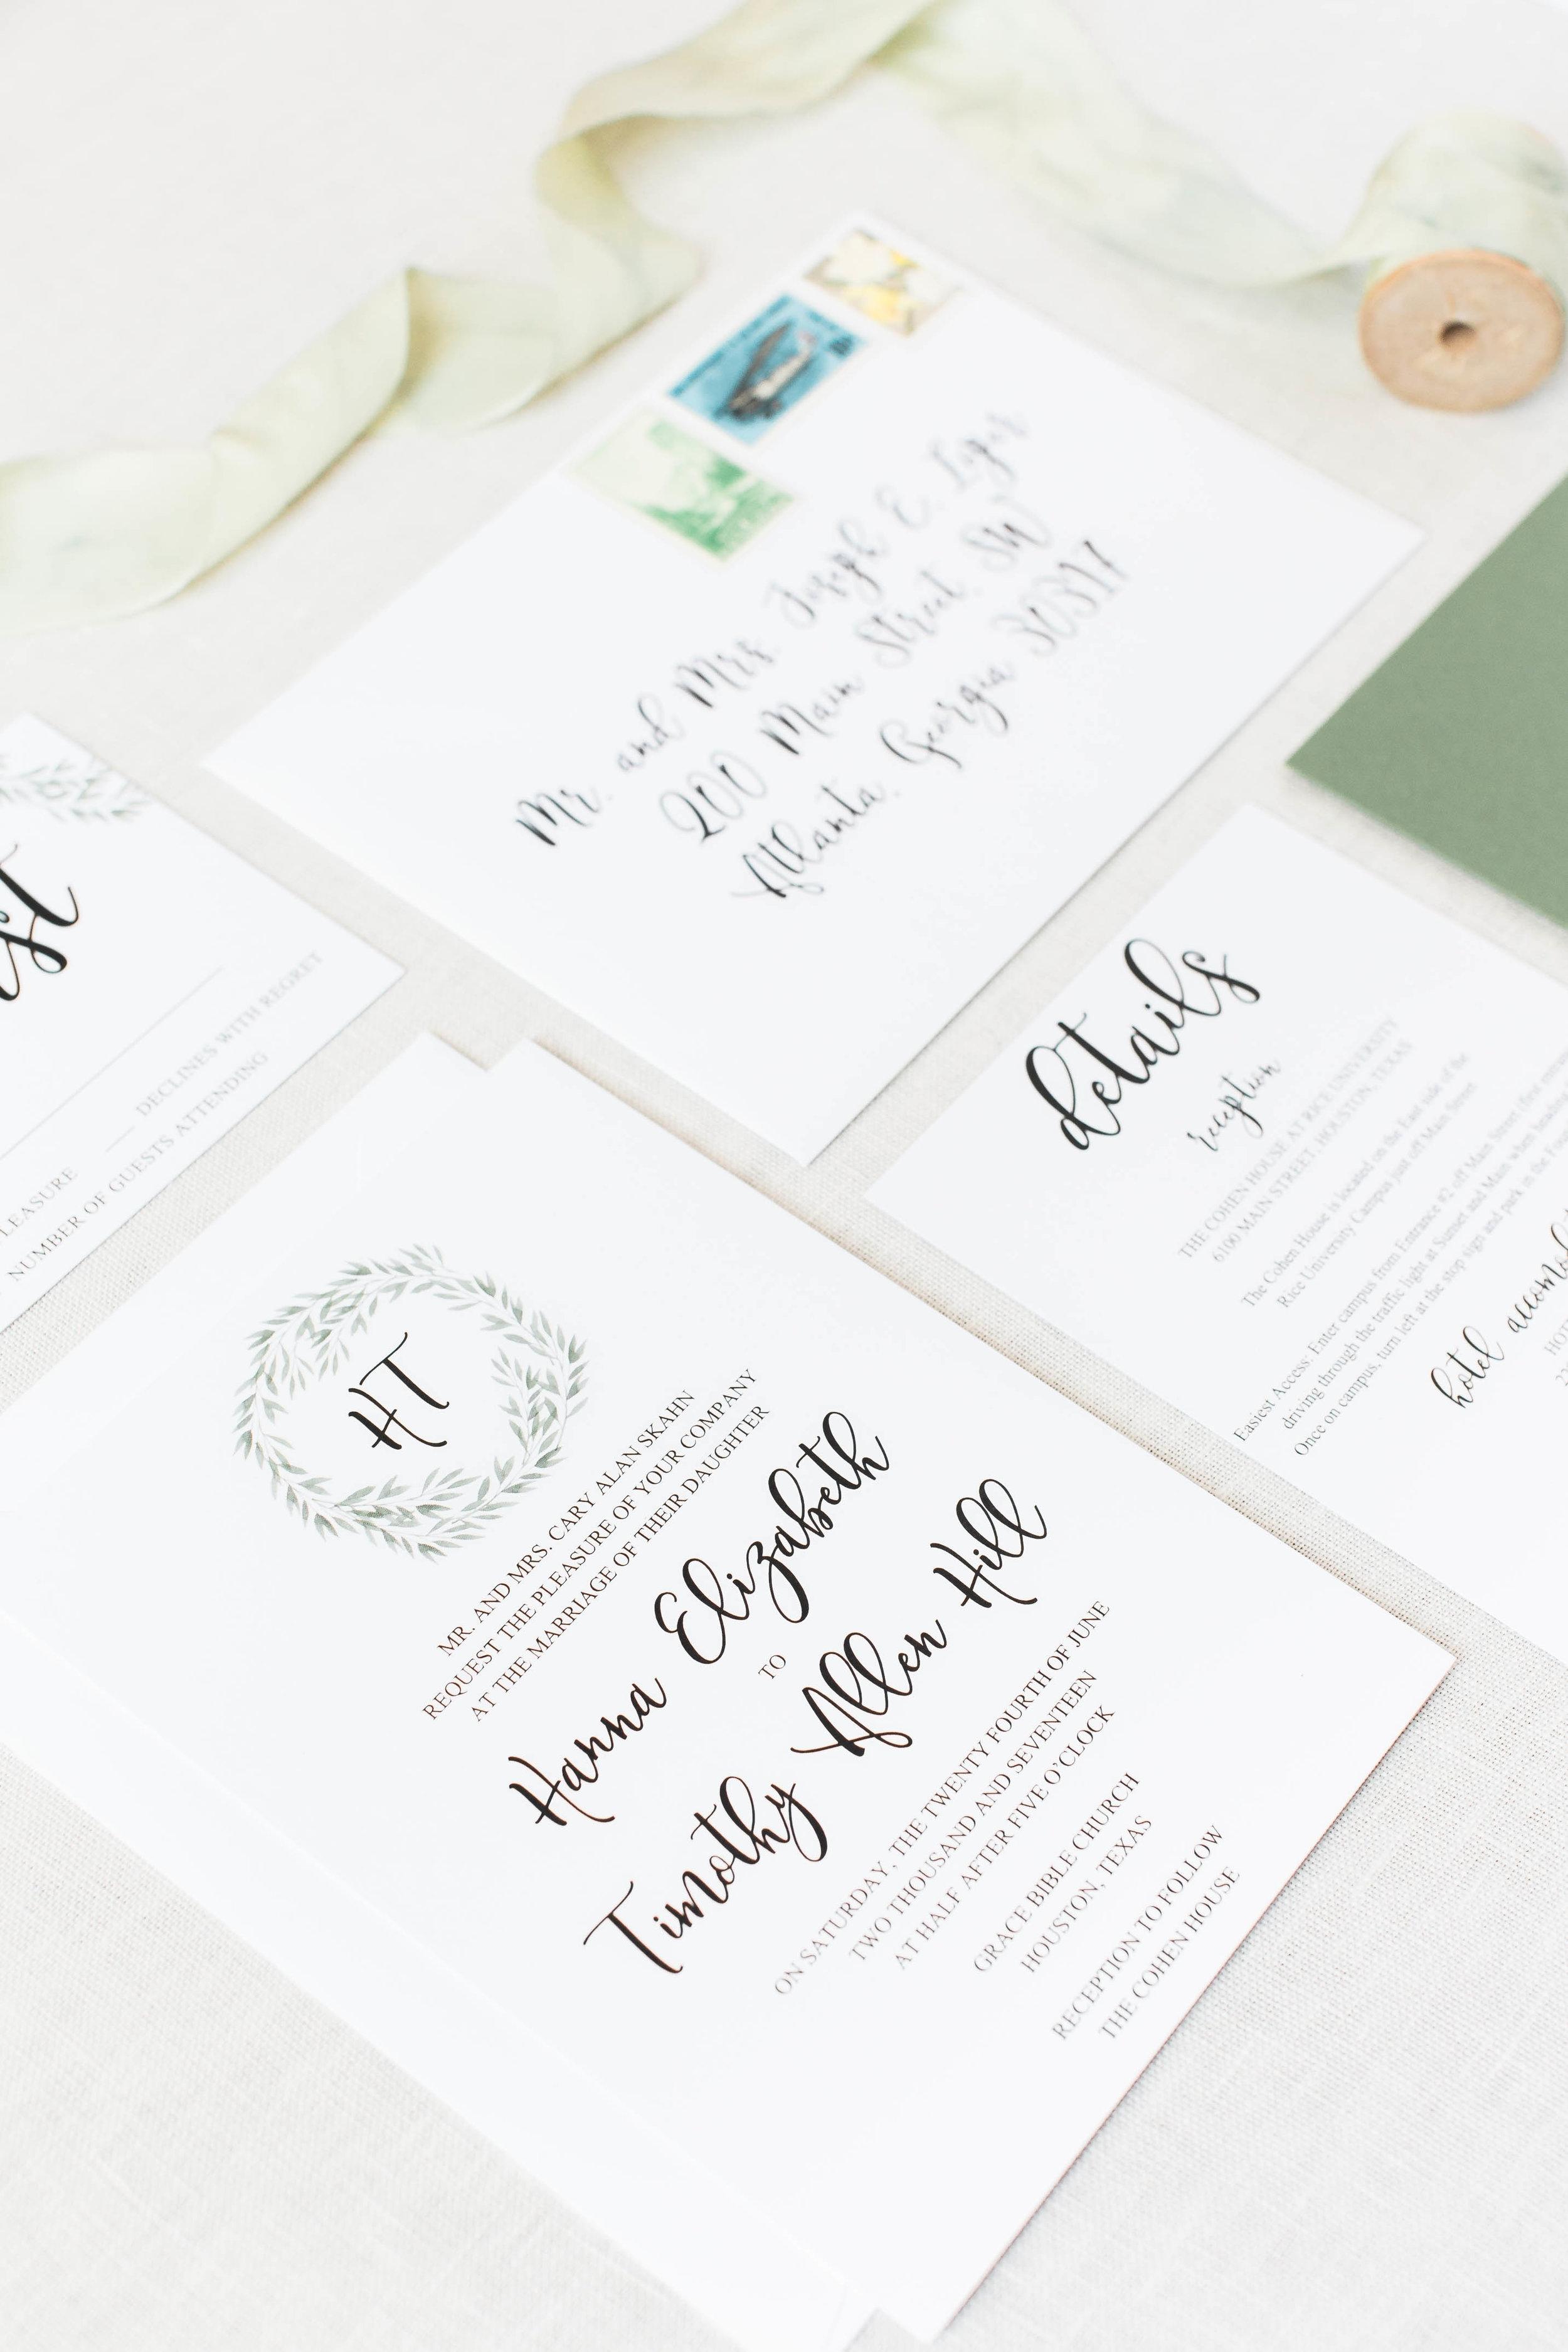 Stacey-Holbrook-Designs-Lindsey-LaRue-54.jpg